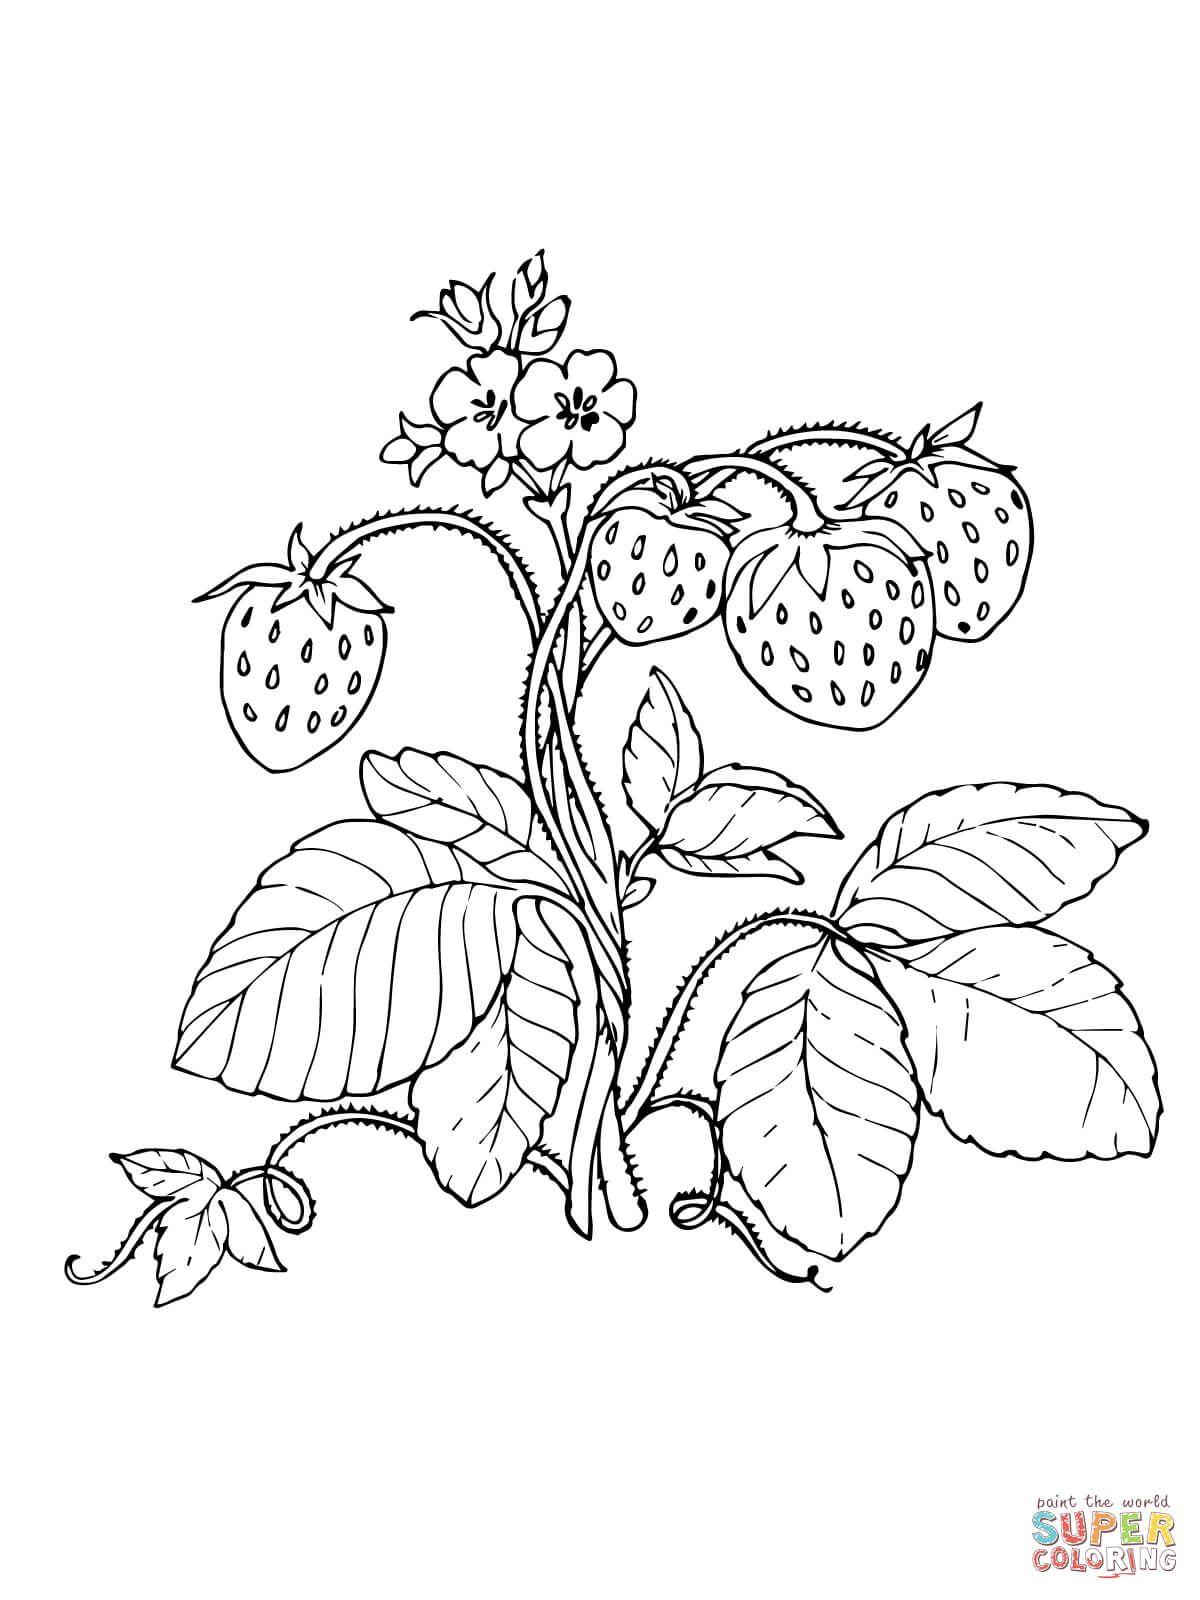 Bildergebnis für malvorlage erdbeere Strawberry coloring